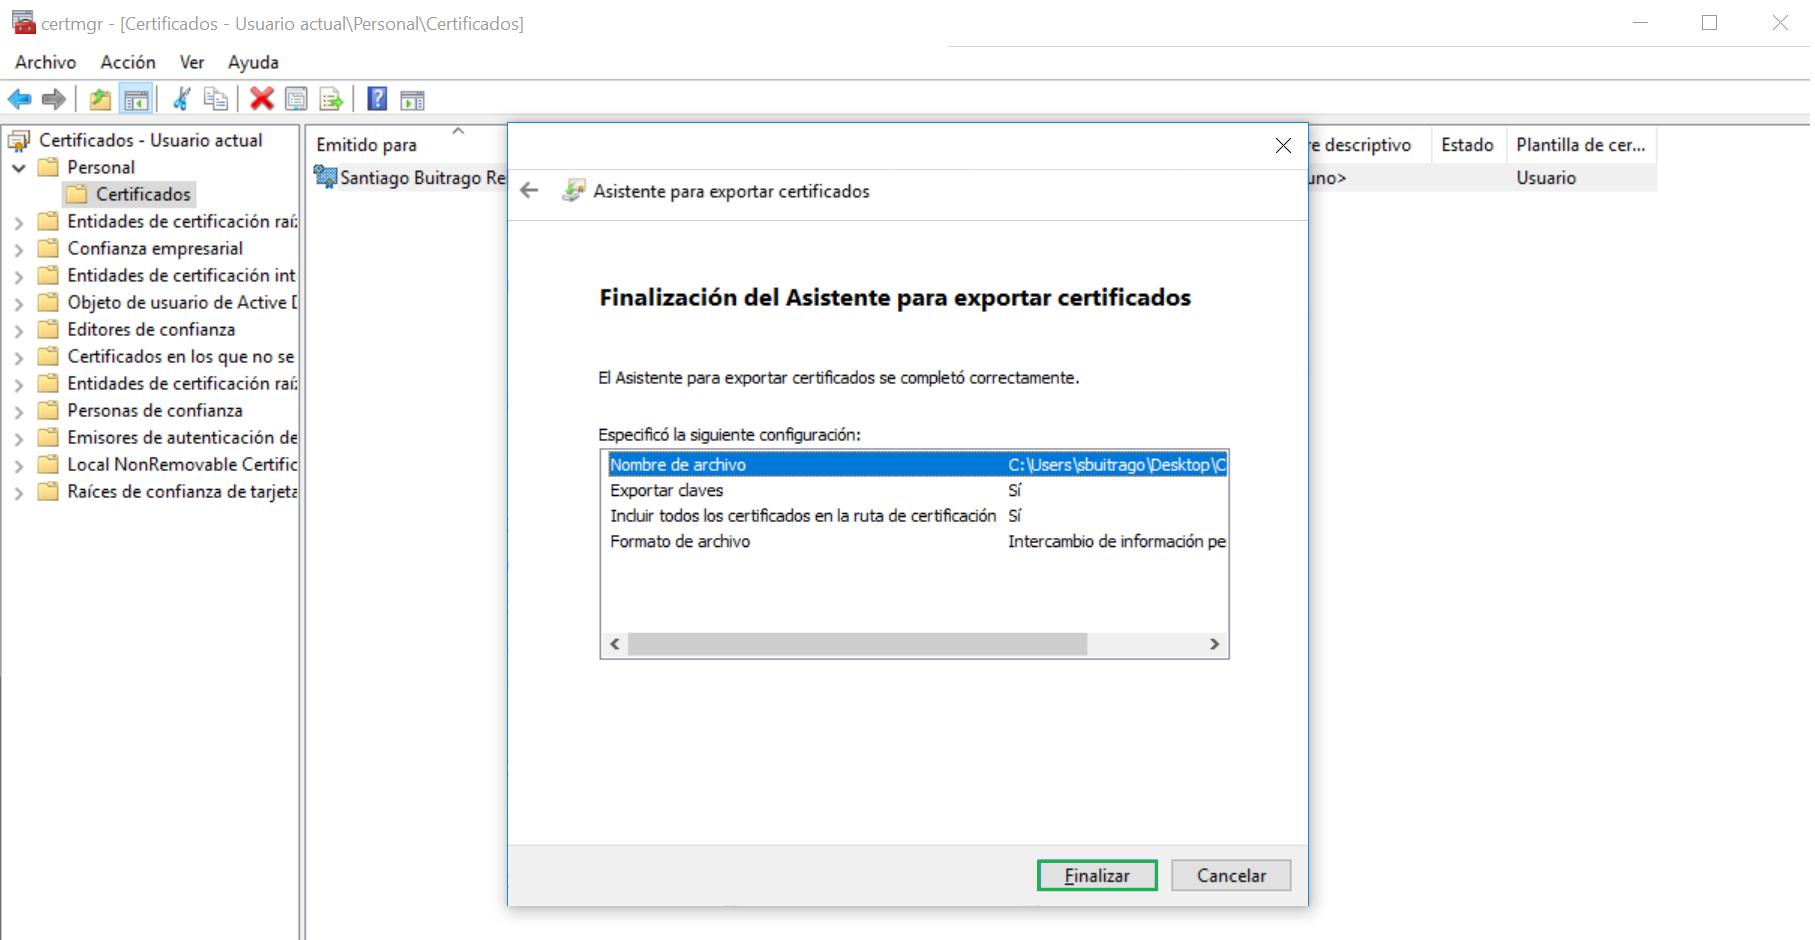 instalar_certificados_usuarios_via_gpo_09